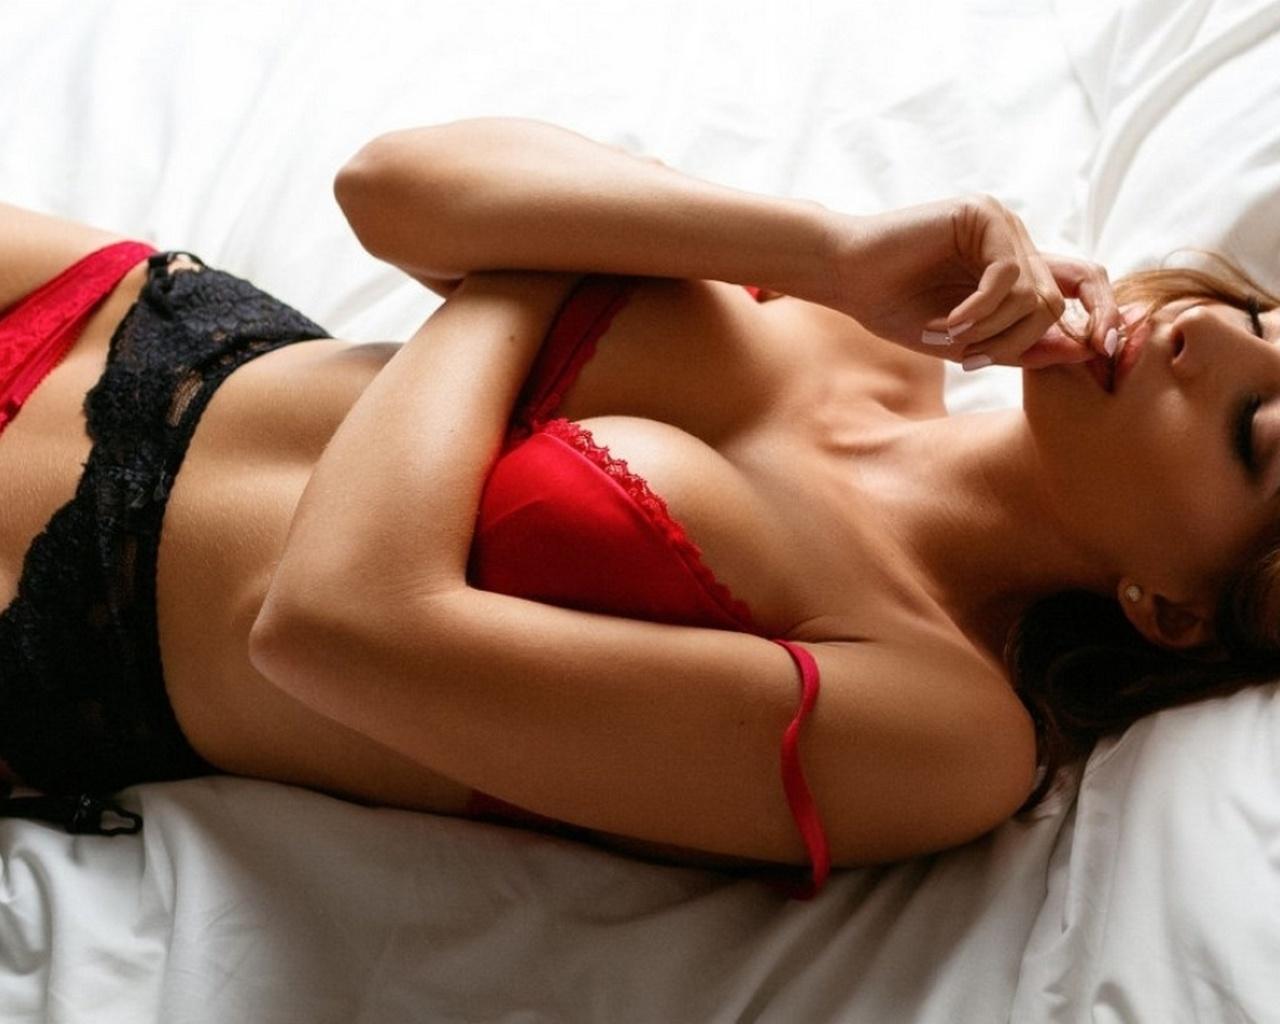 вам расскажем девушки в красном белье эро фото настойчиво ждали, пока